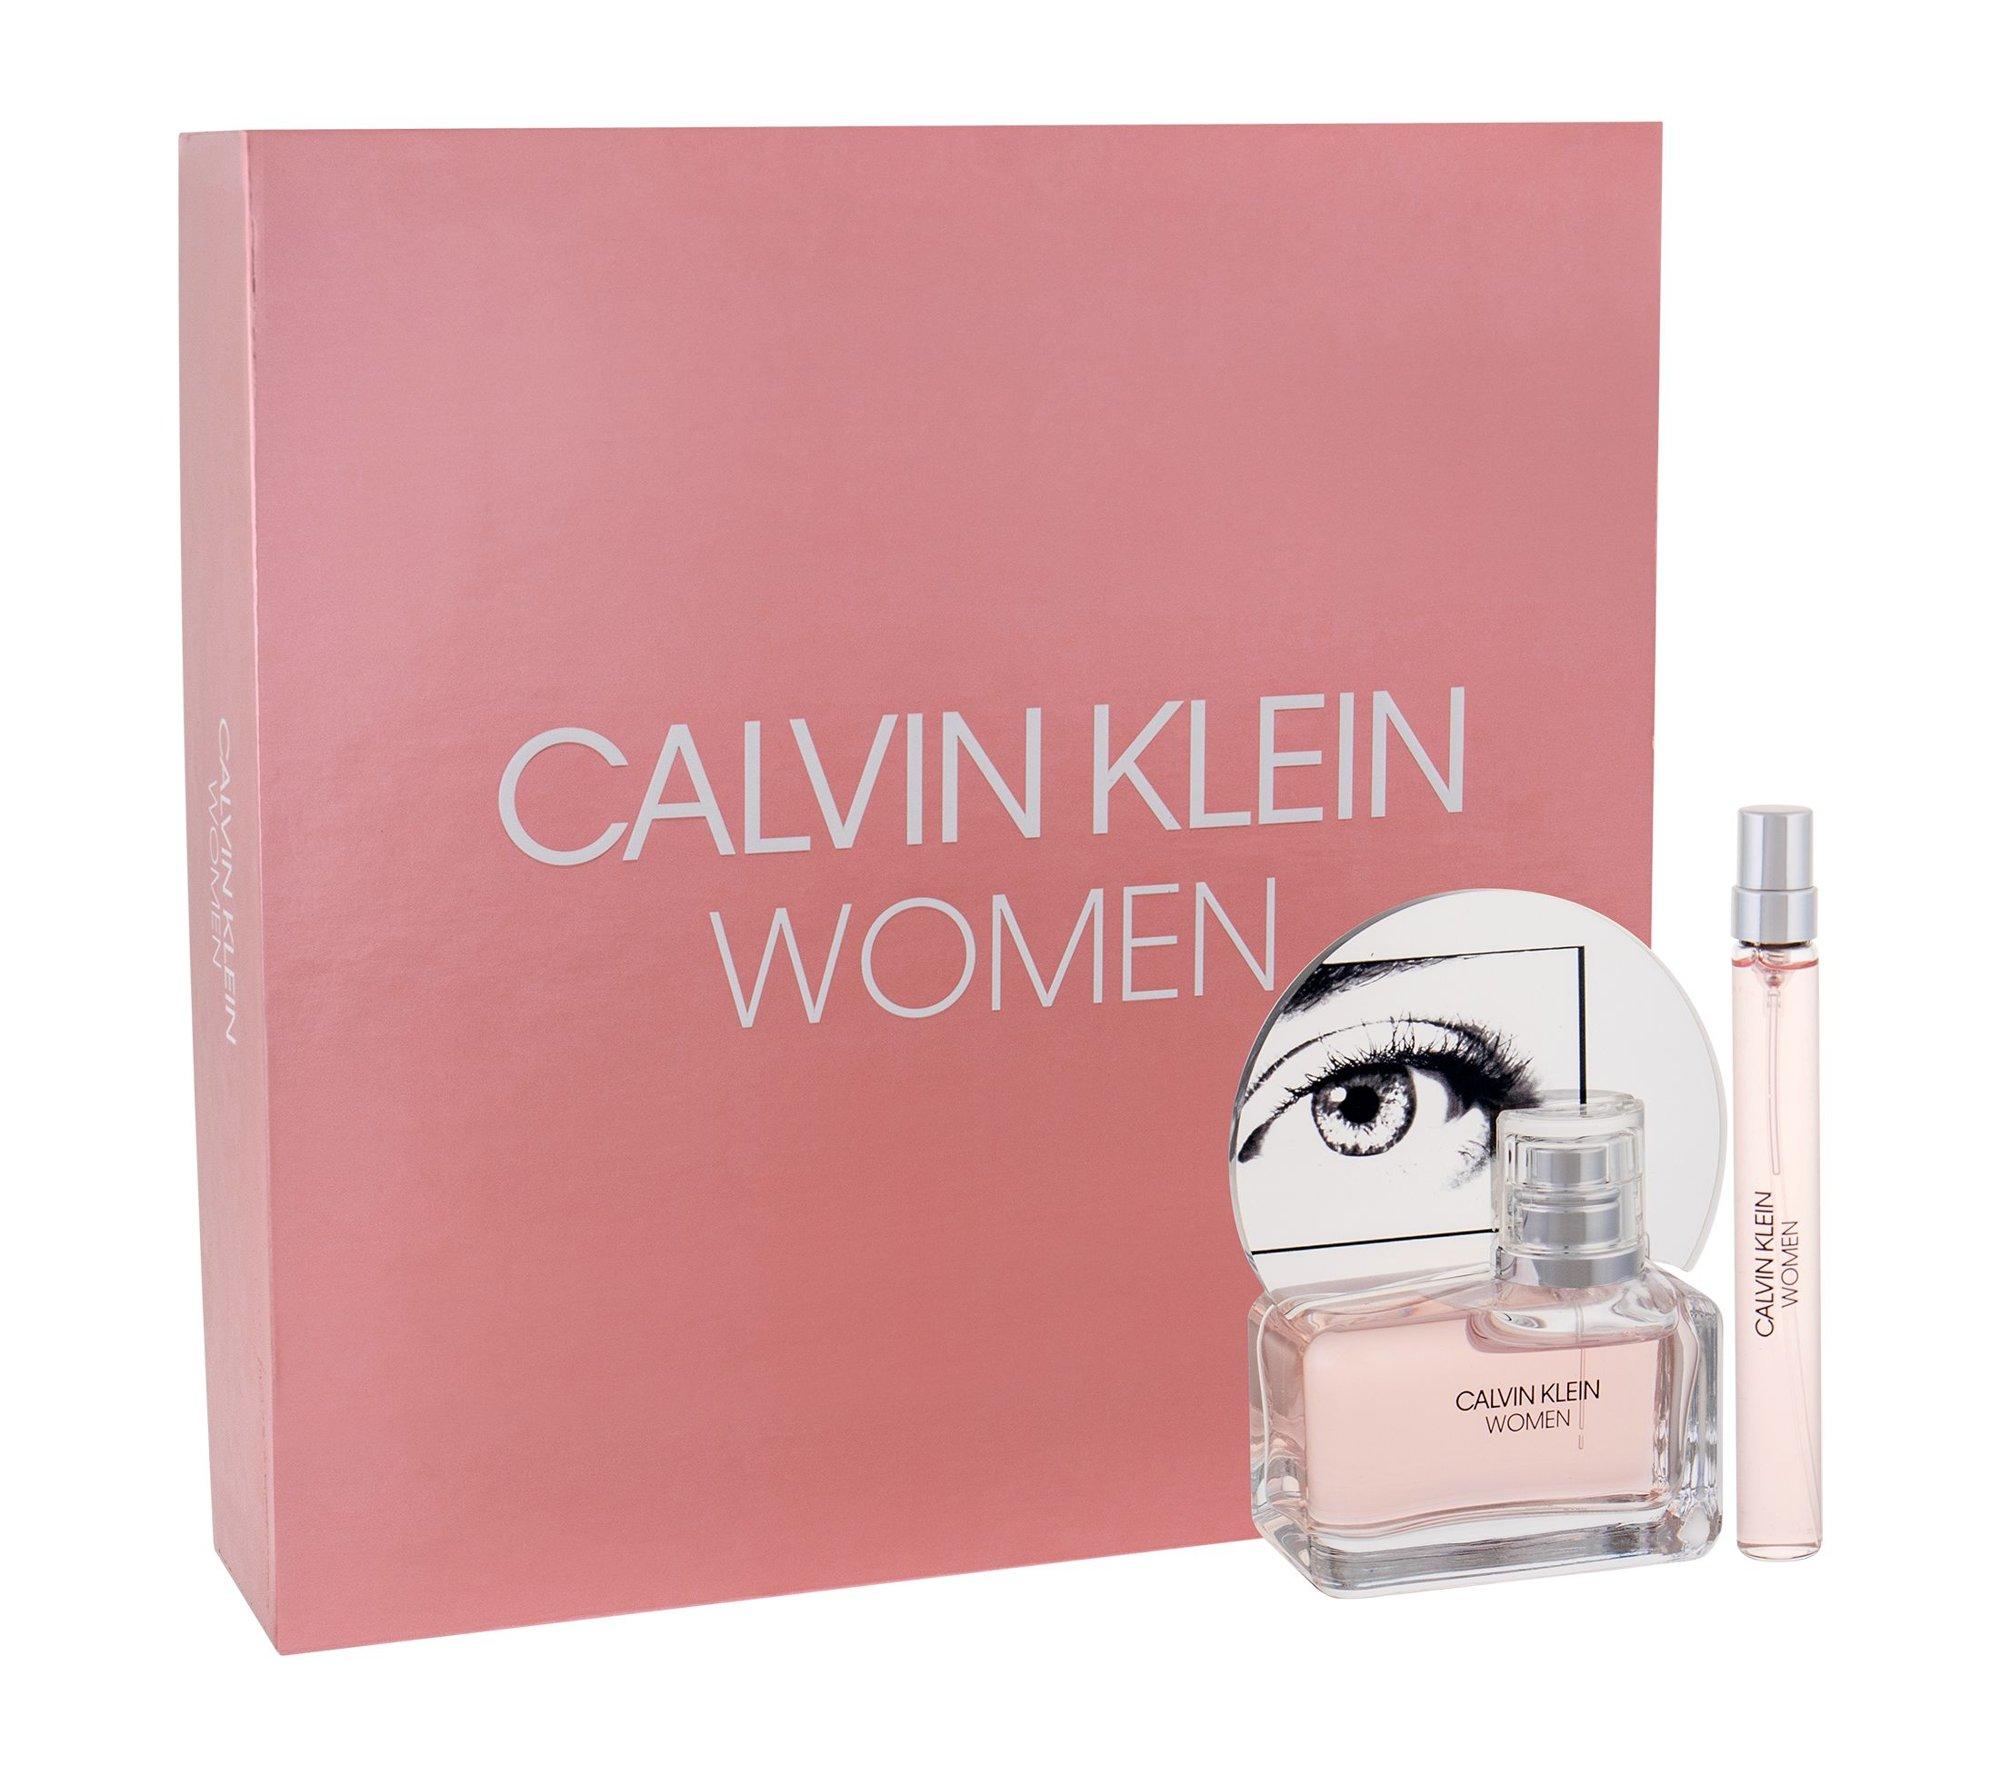 Calvin Klein Calvin Klein Women, parfumovaná voda 50 ml + parfumovaná voda 10 ml